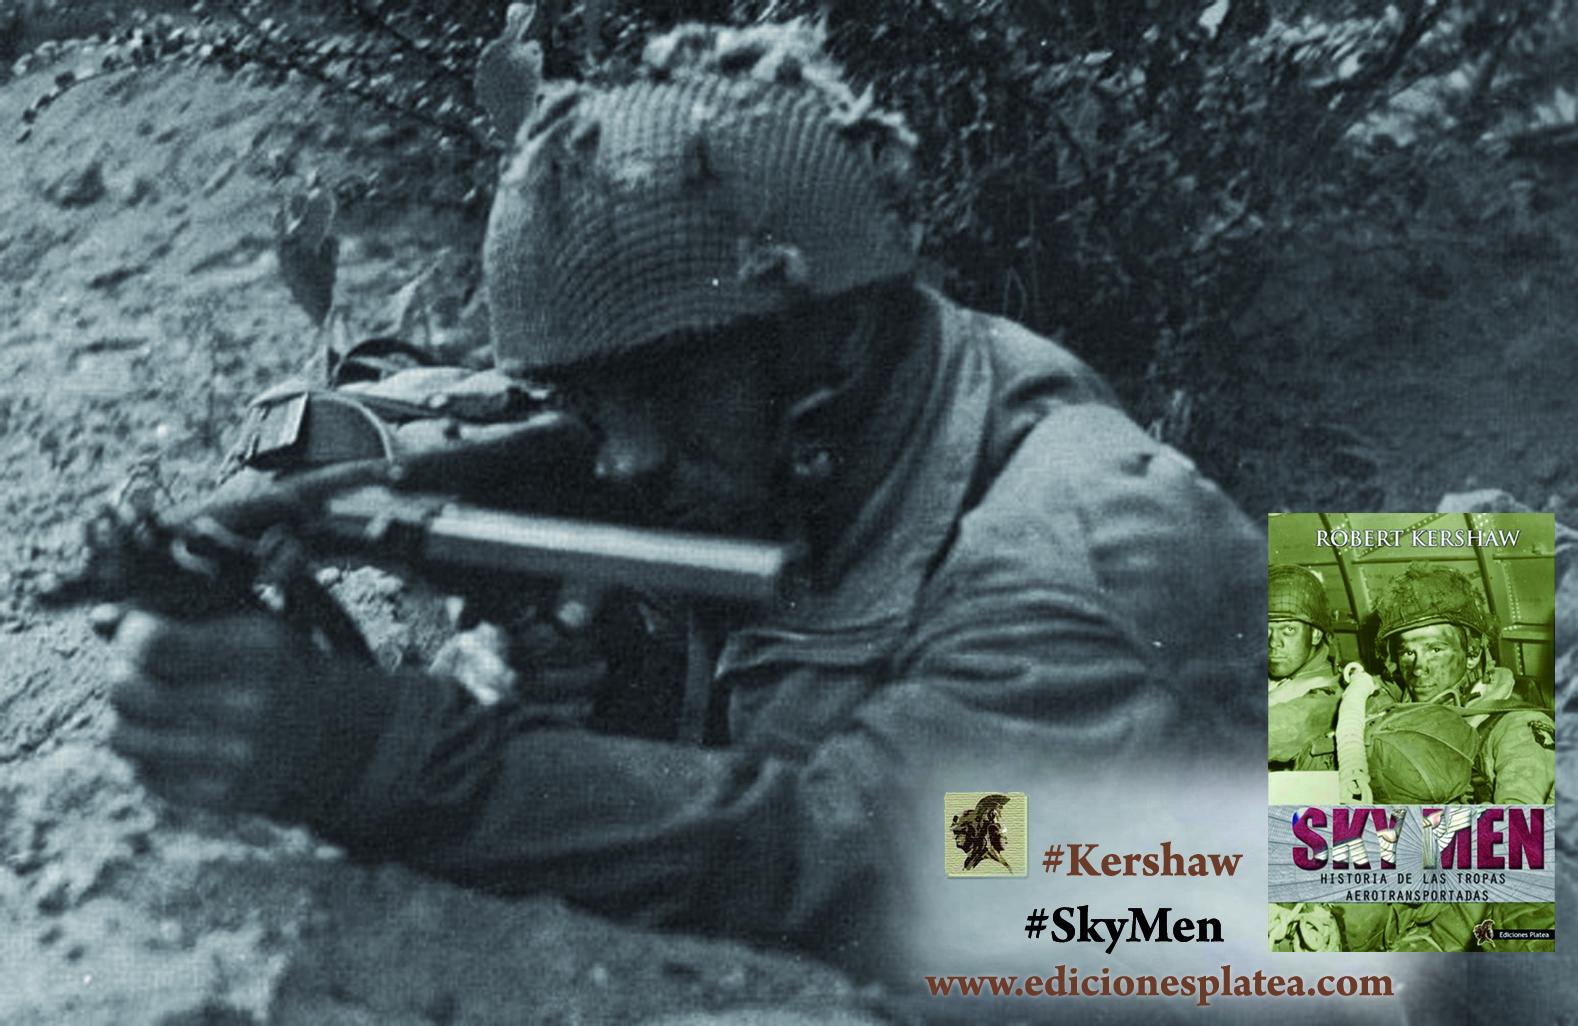 sky-men-p-6-ediciones-platea